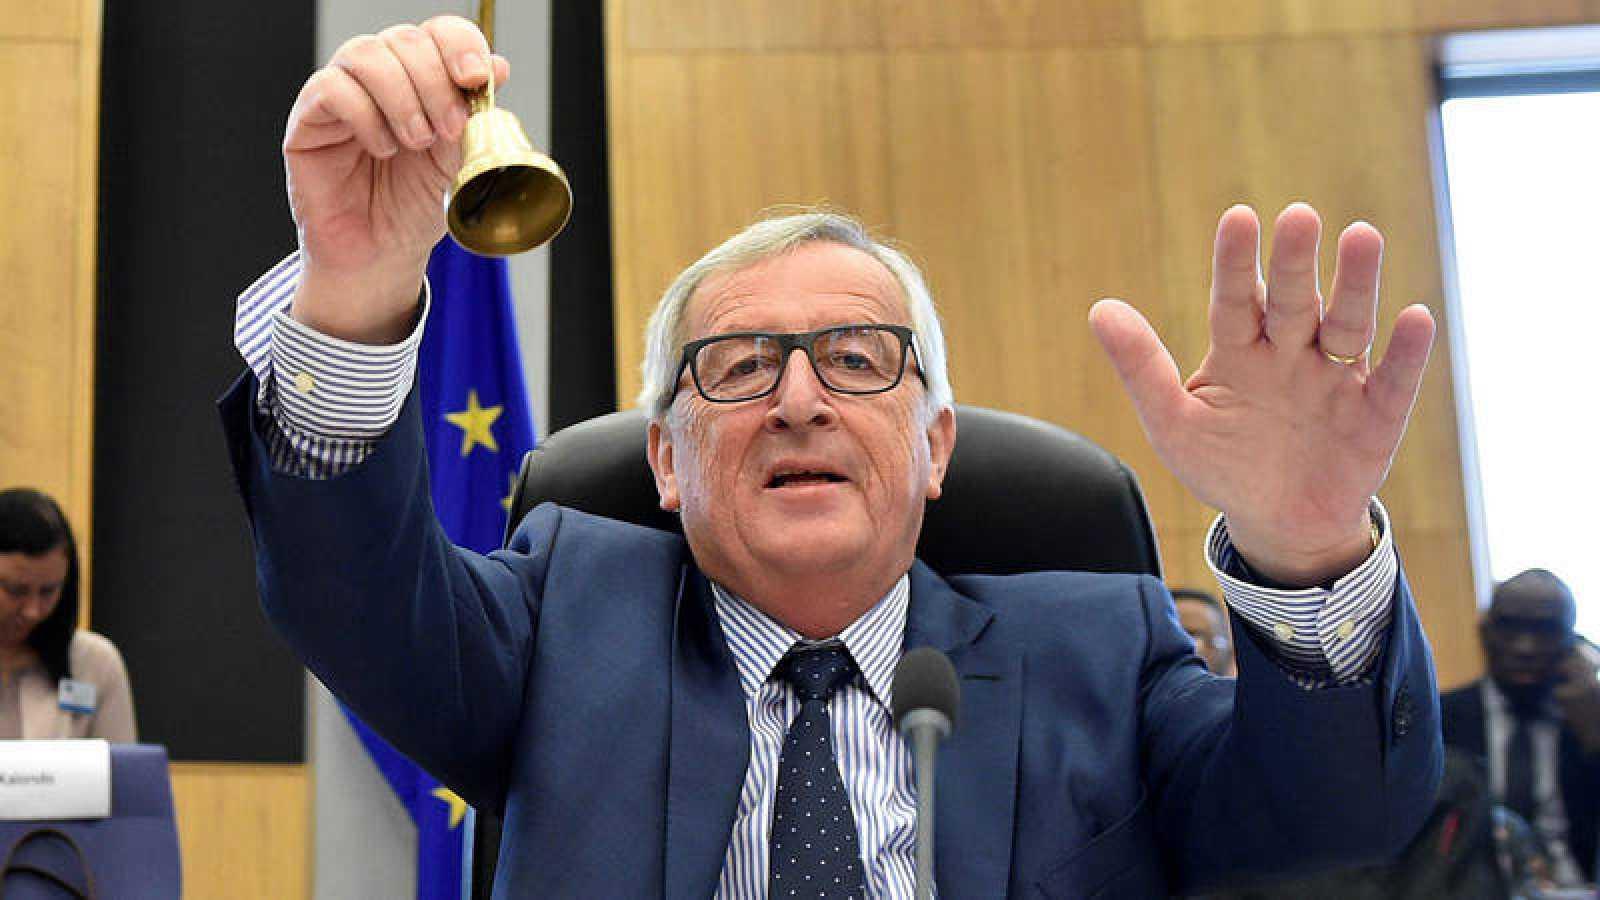 La partida destinada a los fondos de cohesión de la UE se reducirá un 5% debido al Brexit